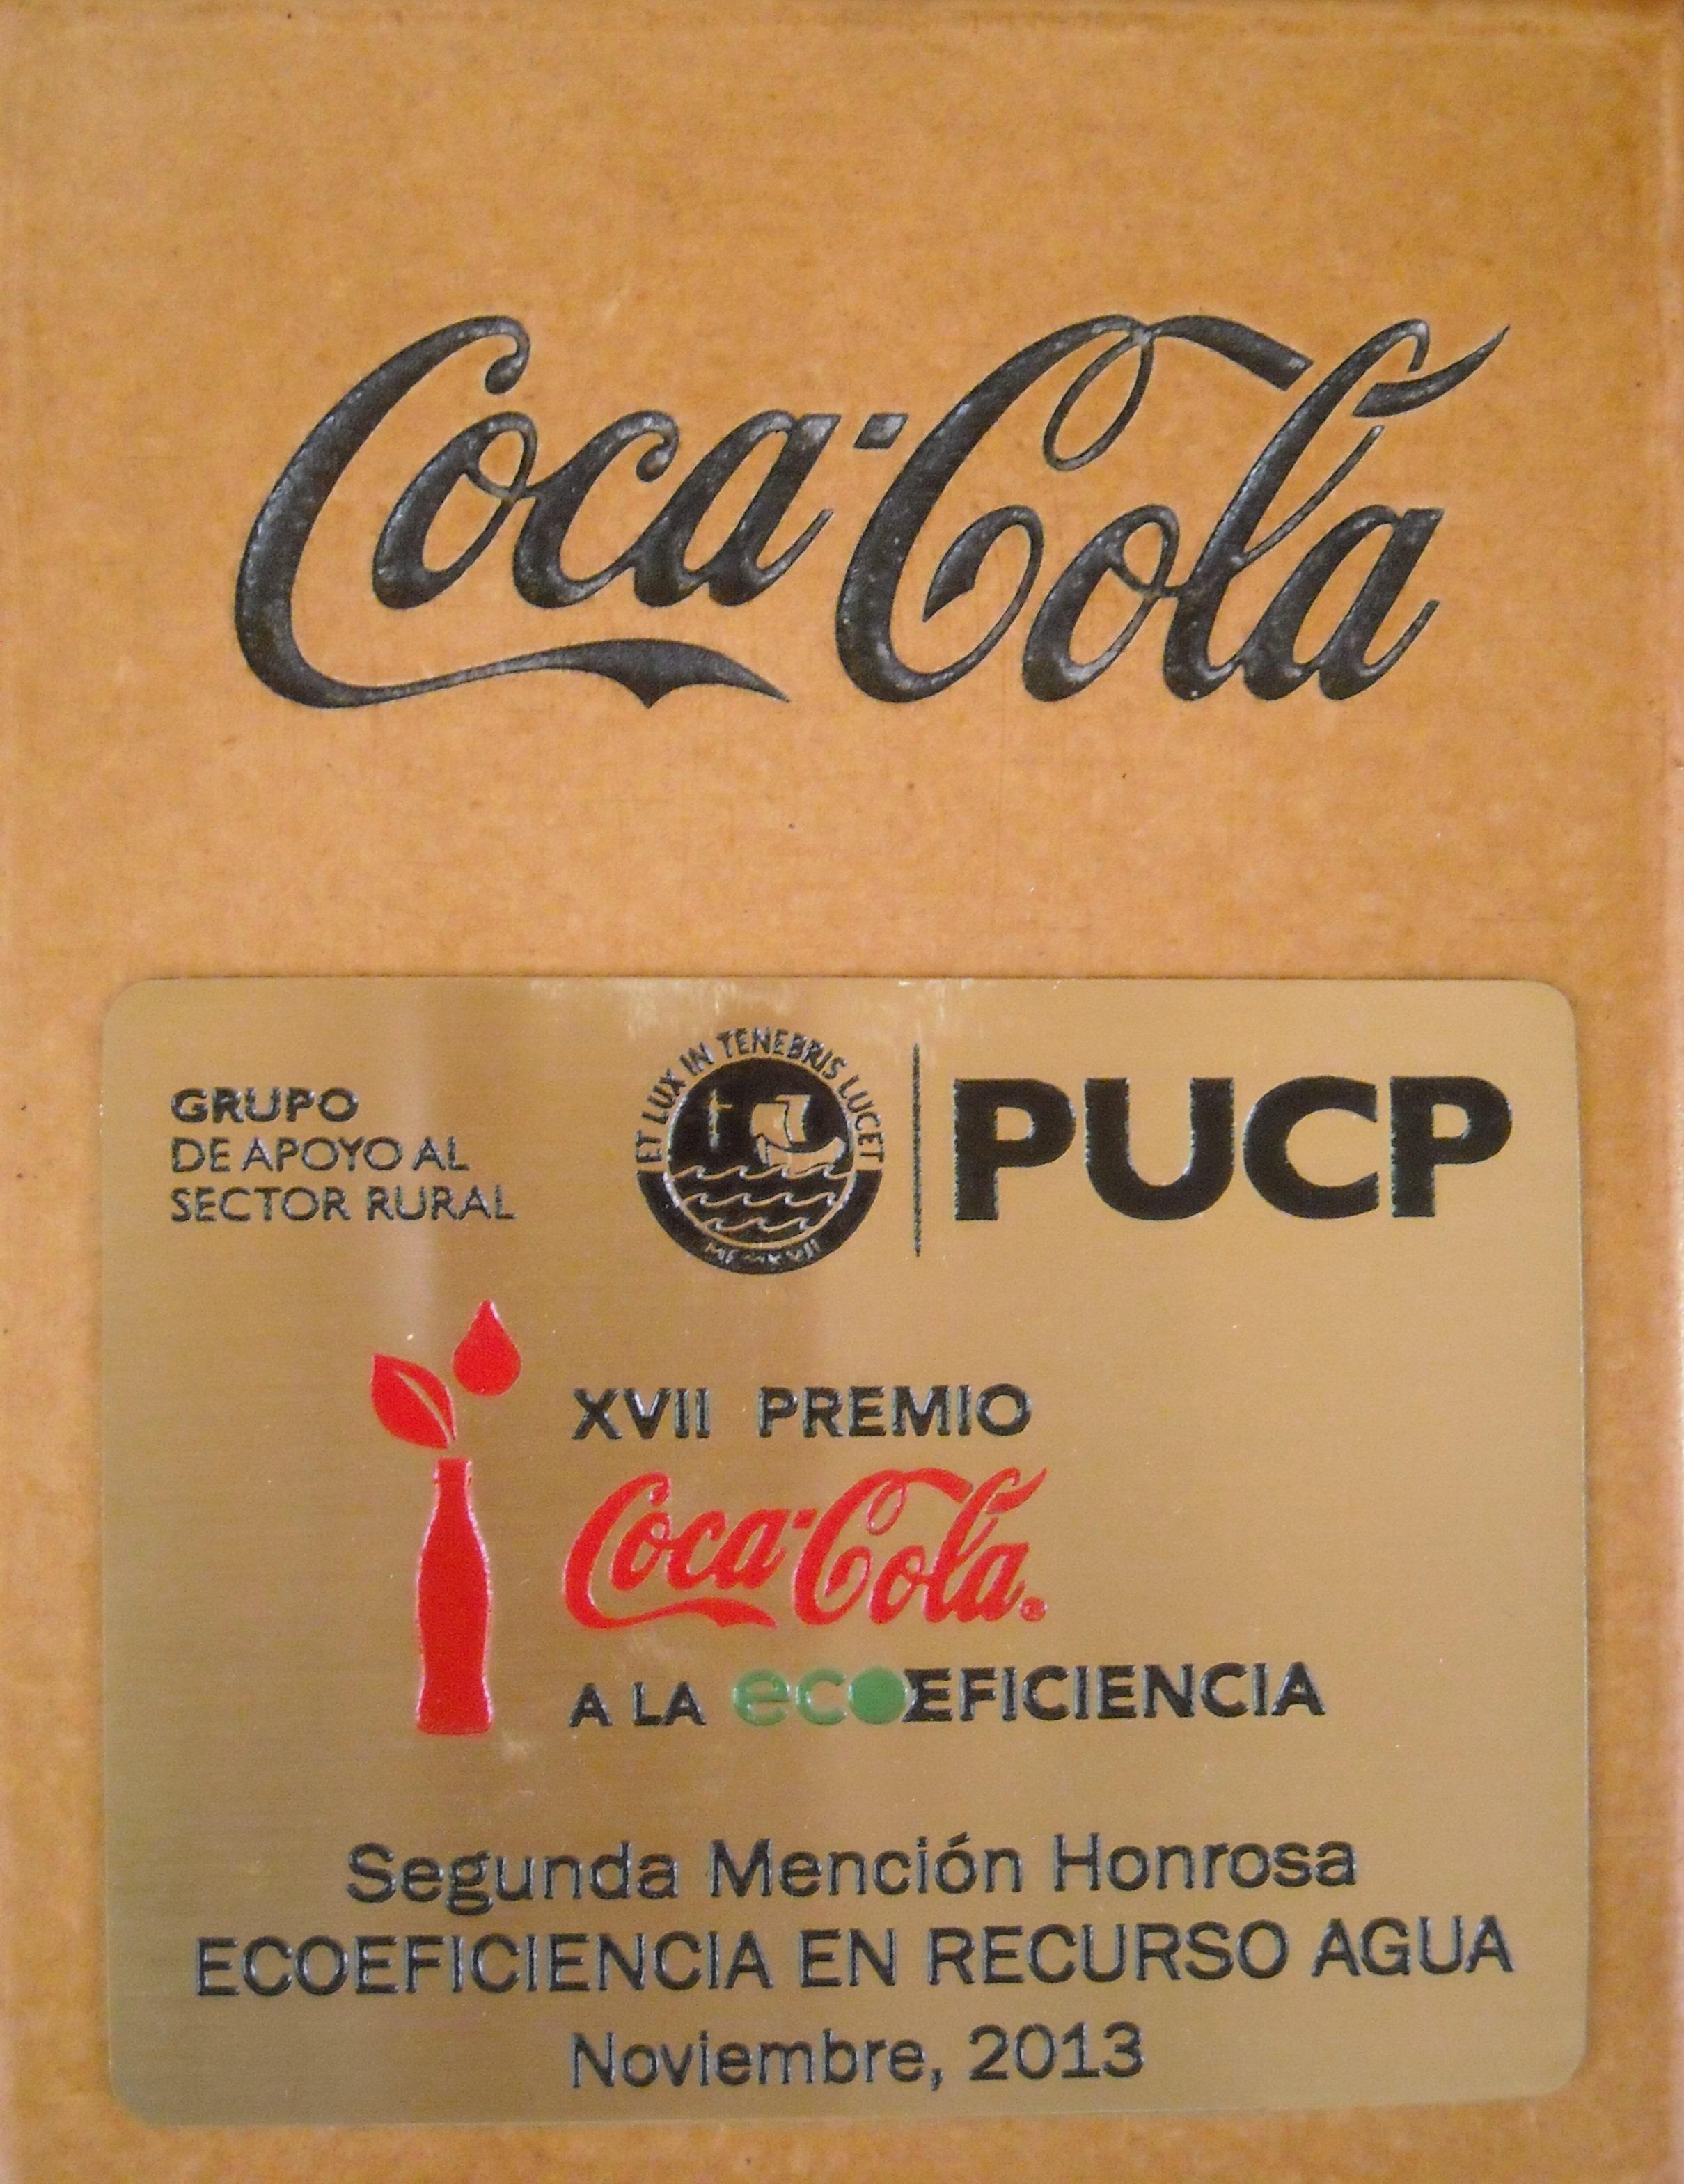 PremioCocaCola.JPG